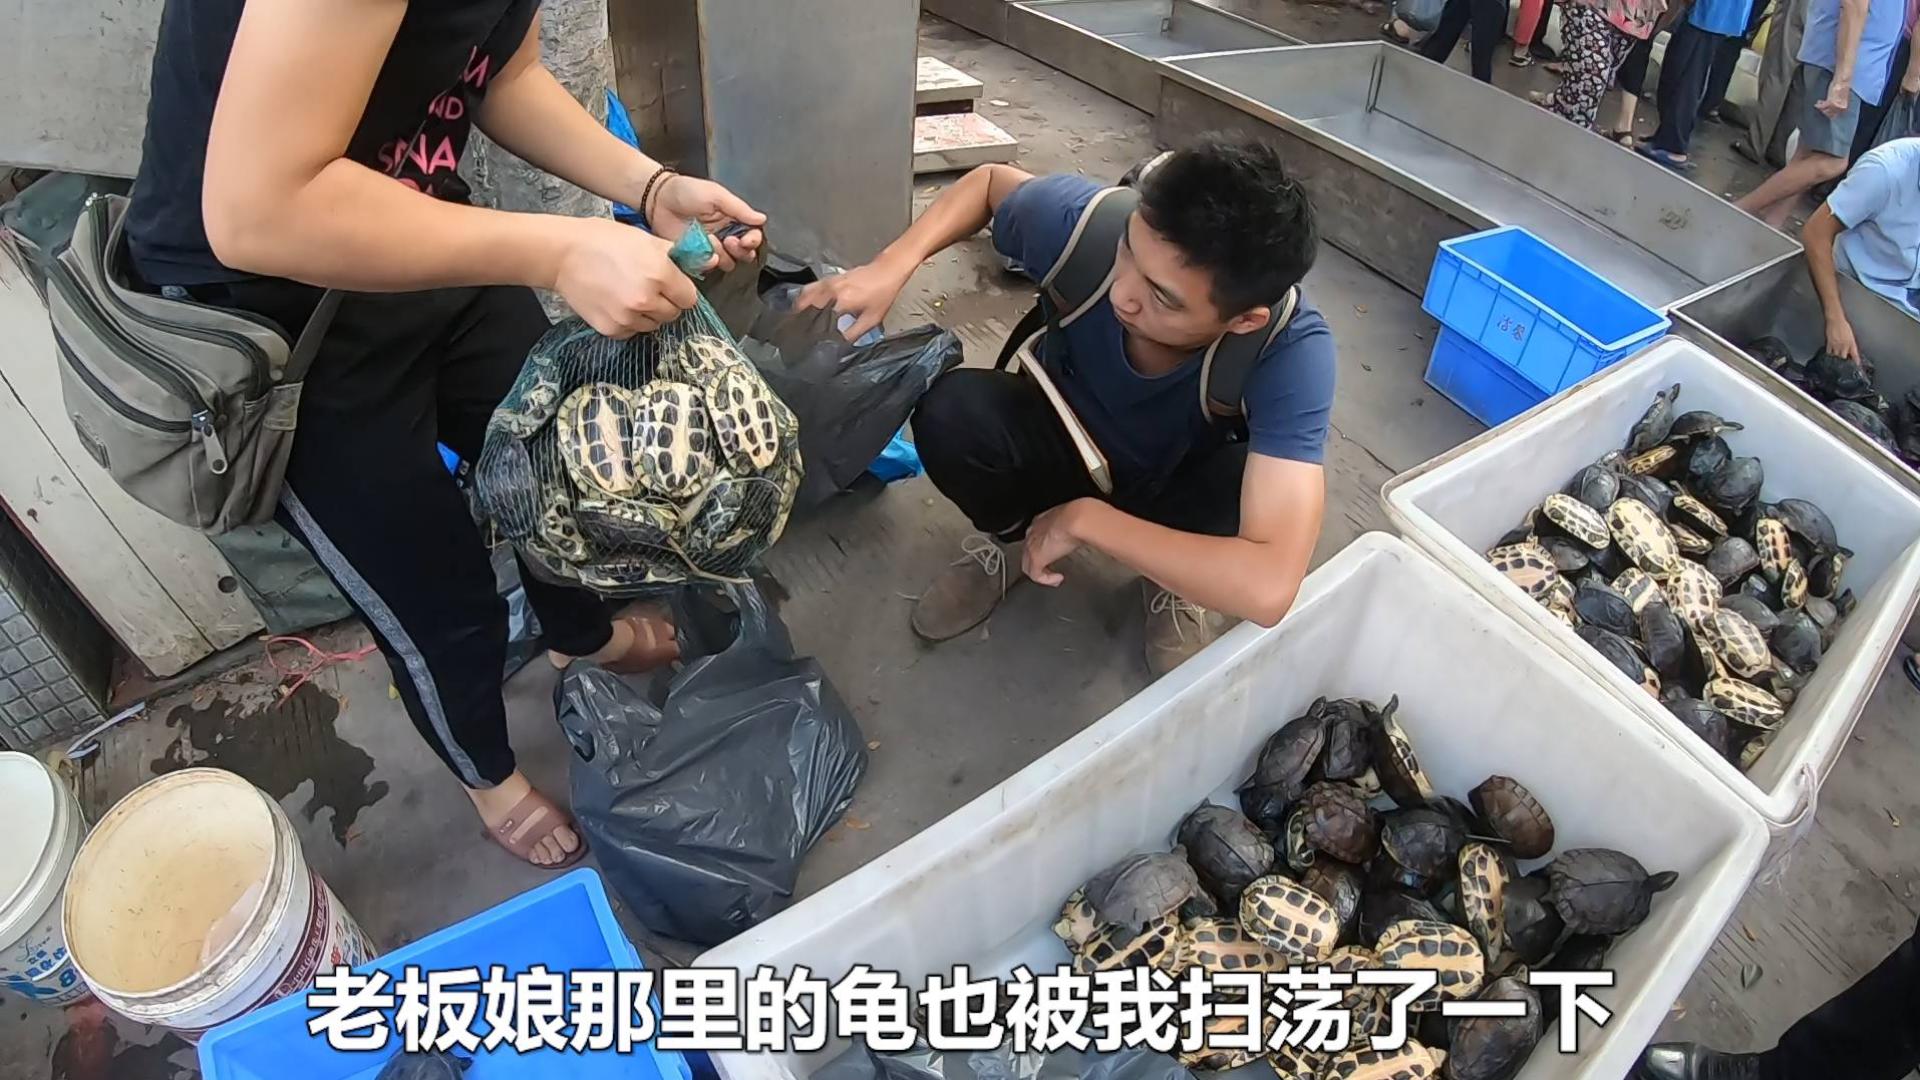 佛山顺德乌龟市场,几十块块钱一个石金钱龟,一口气买了上百个!